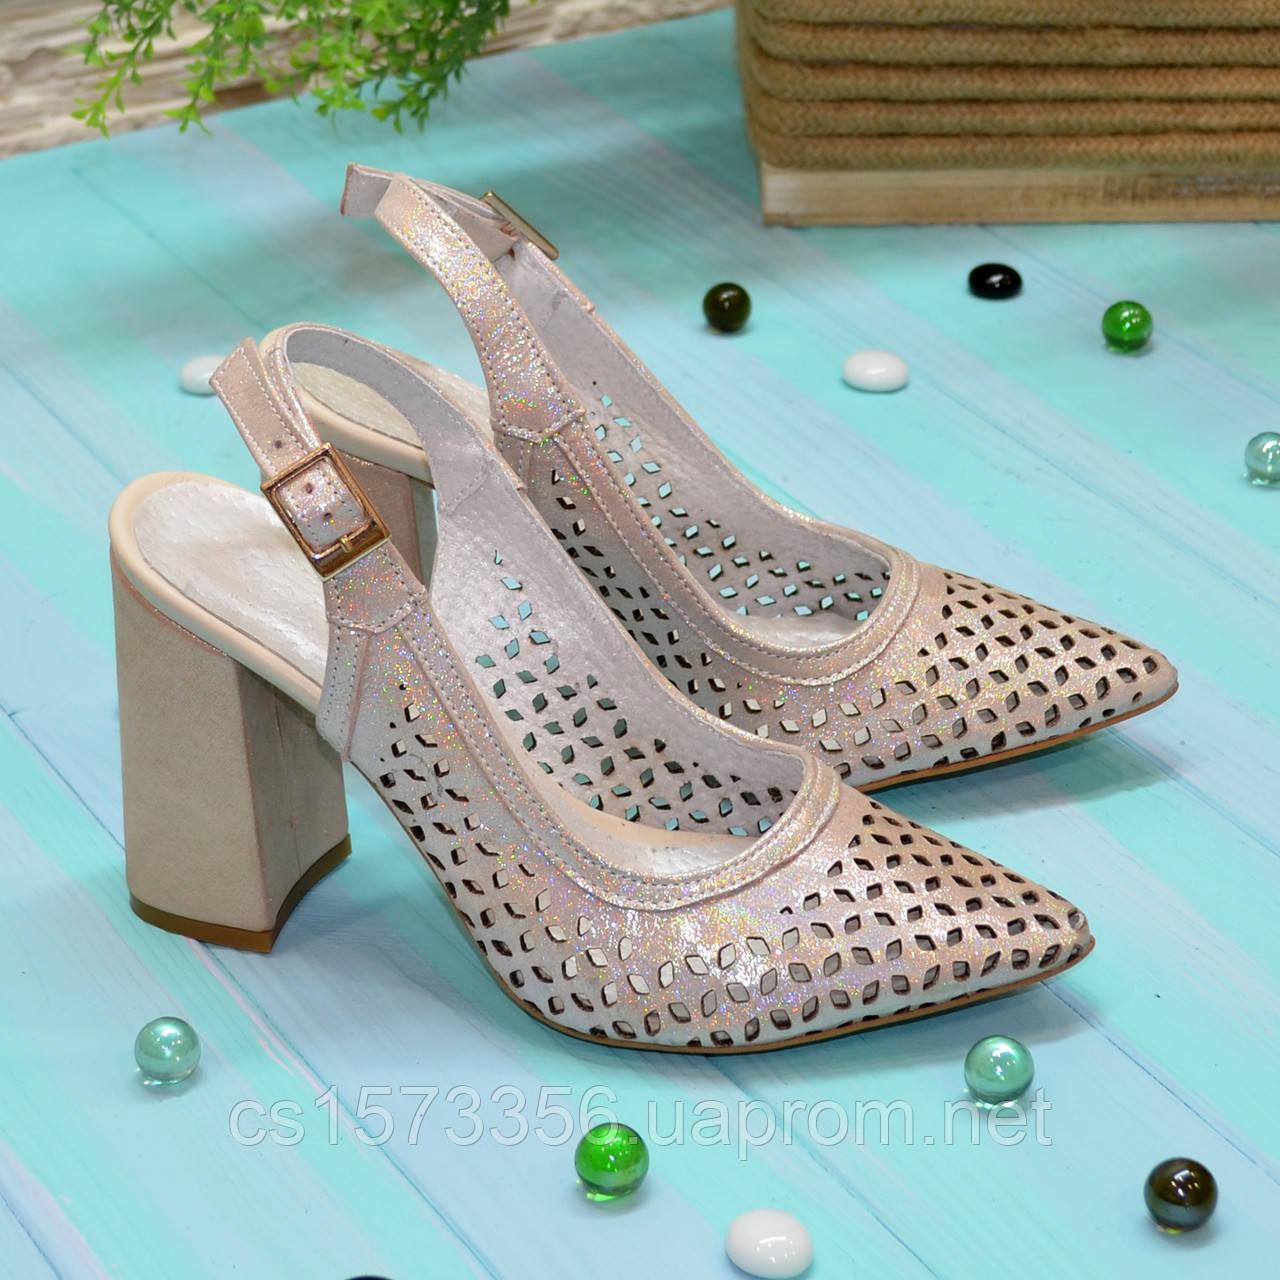 Туфли кожаные перфорированные на устойчивом каблуке, цвет розовый